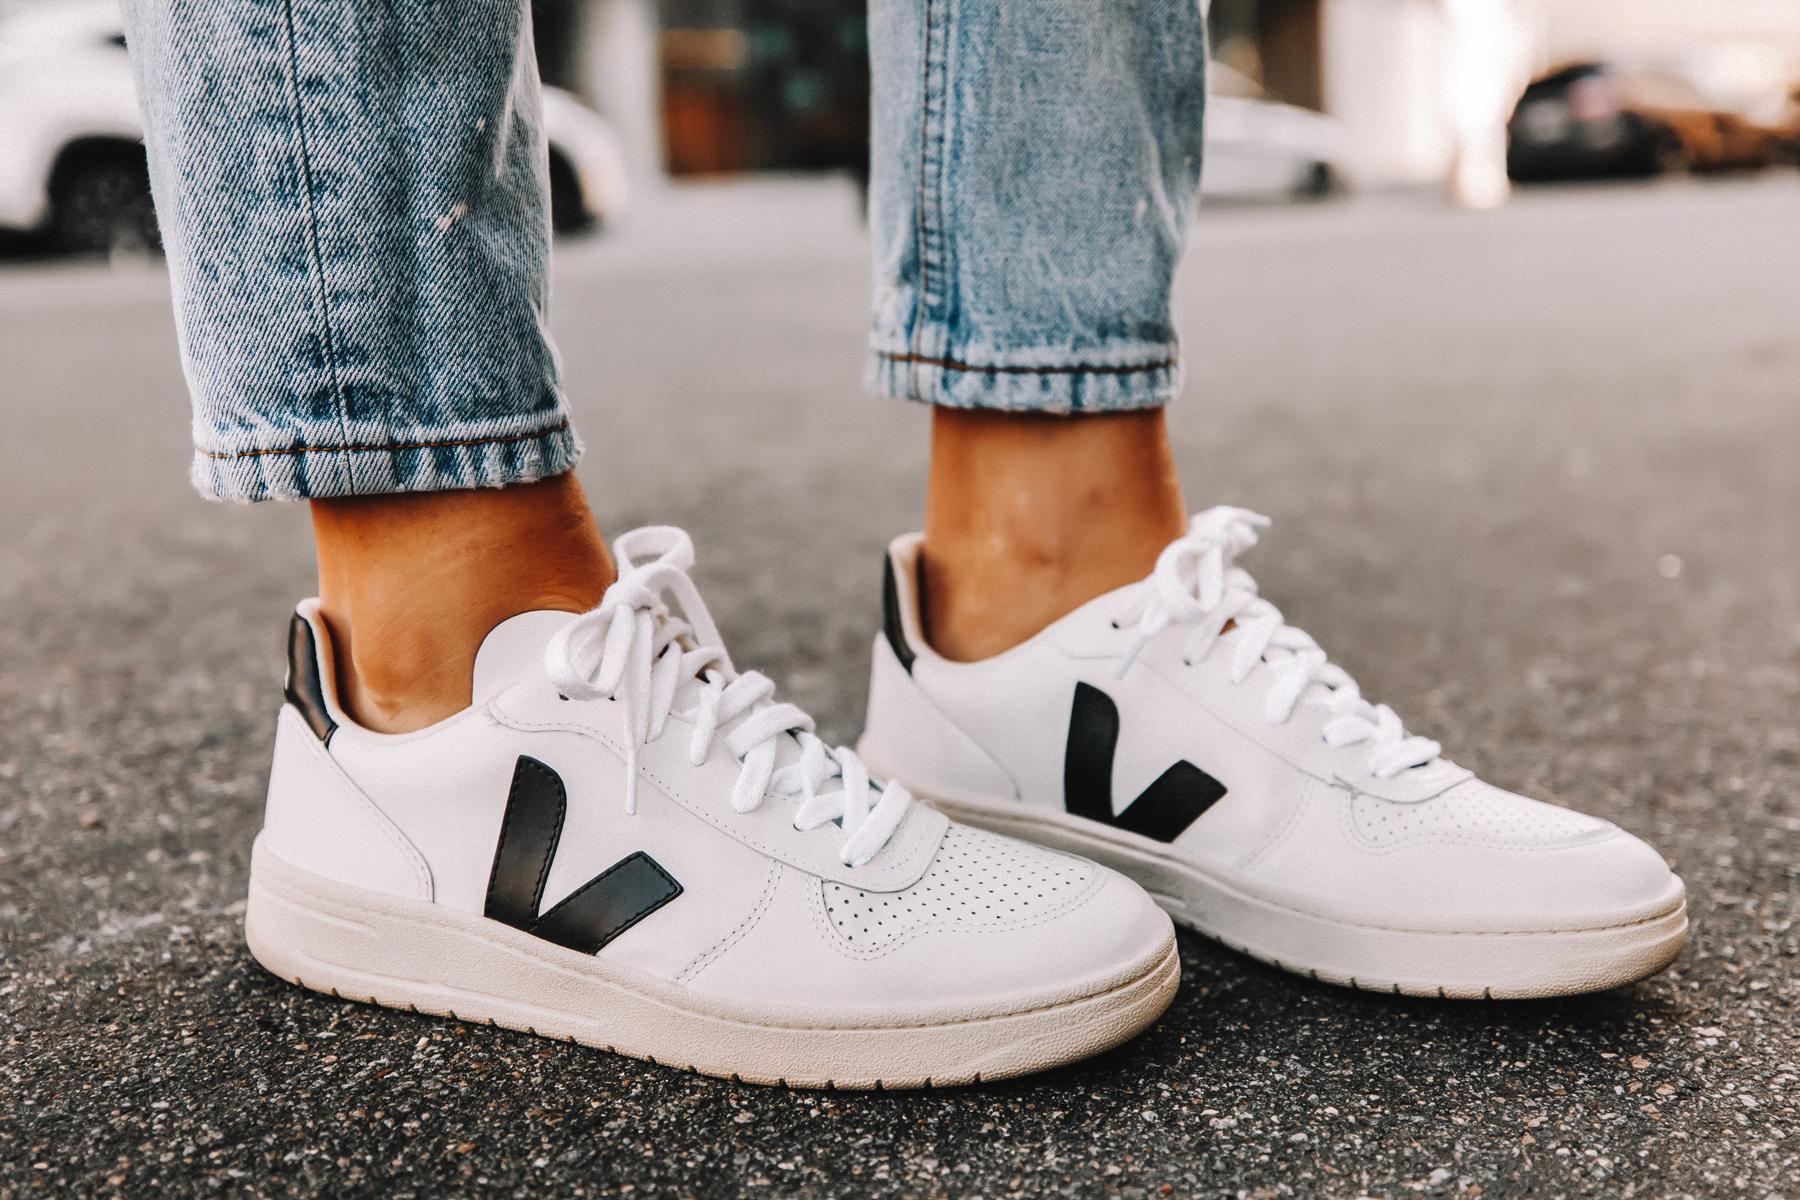 Veja V10 Sneaker Review and Esplar